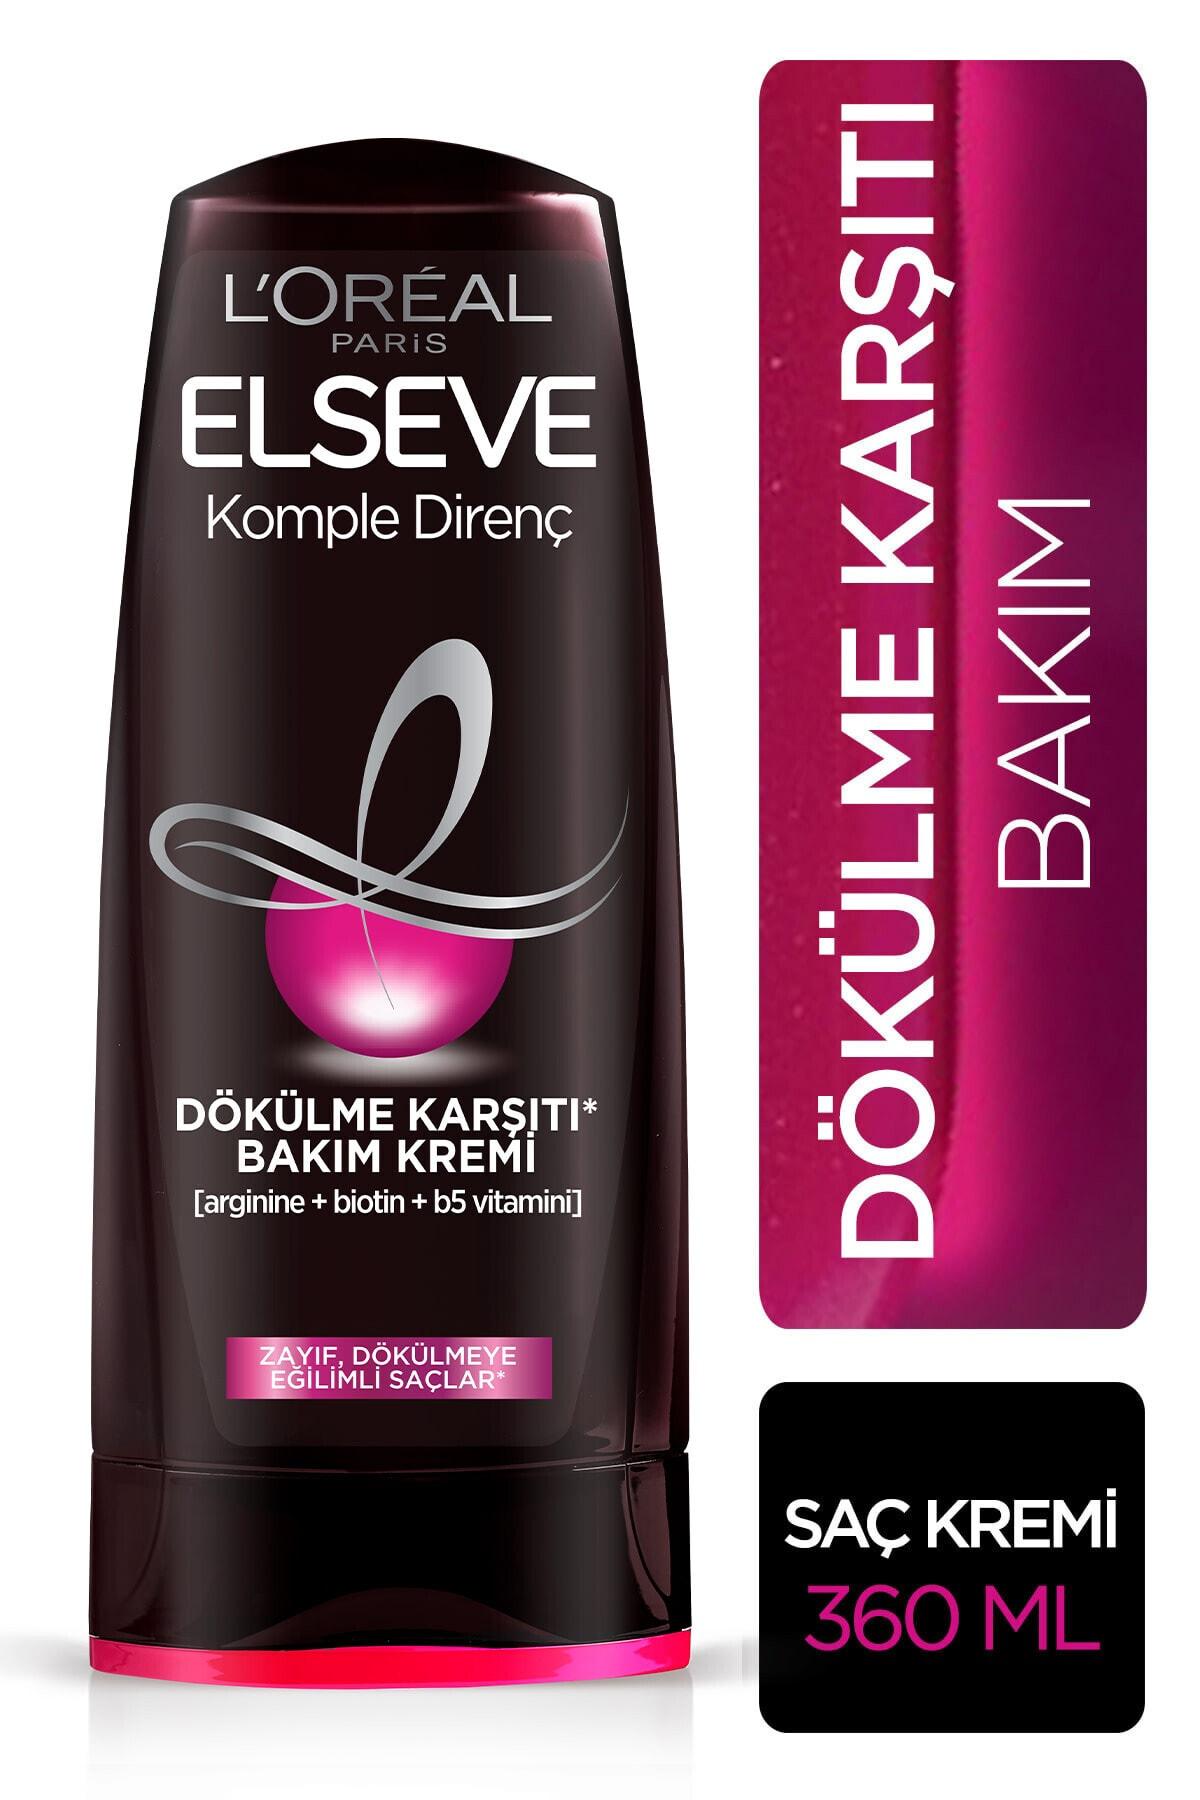 ELSEVE Zayıf Dökülmeye Eğilimli Saçlar İçin Arginine Saç Kremi 360 ml 1